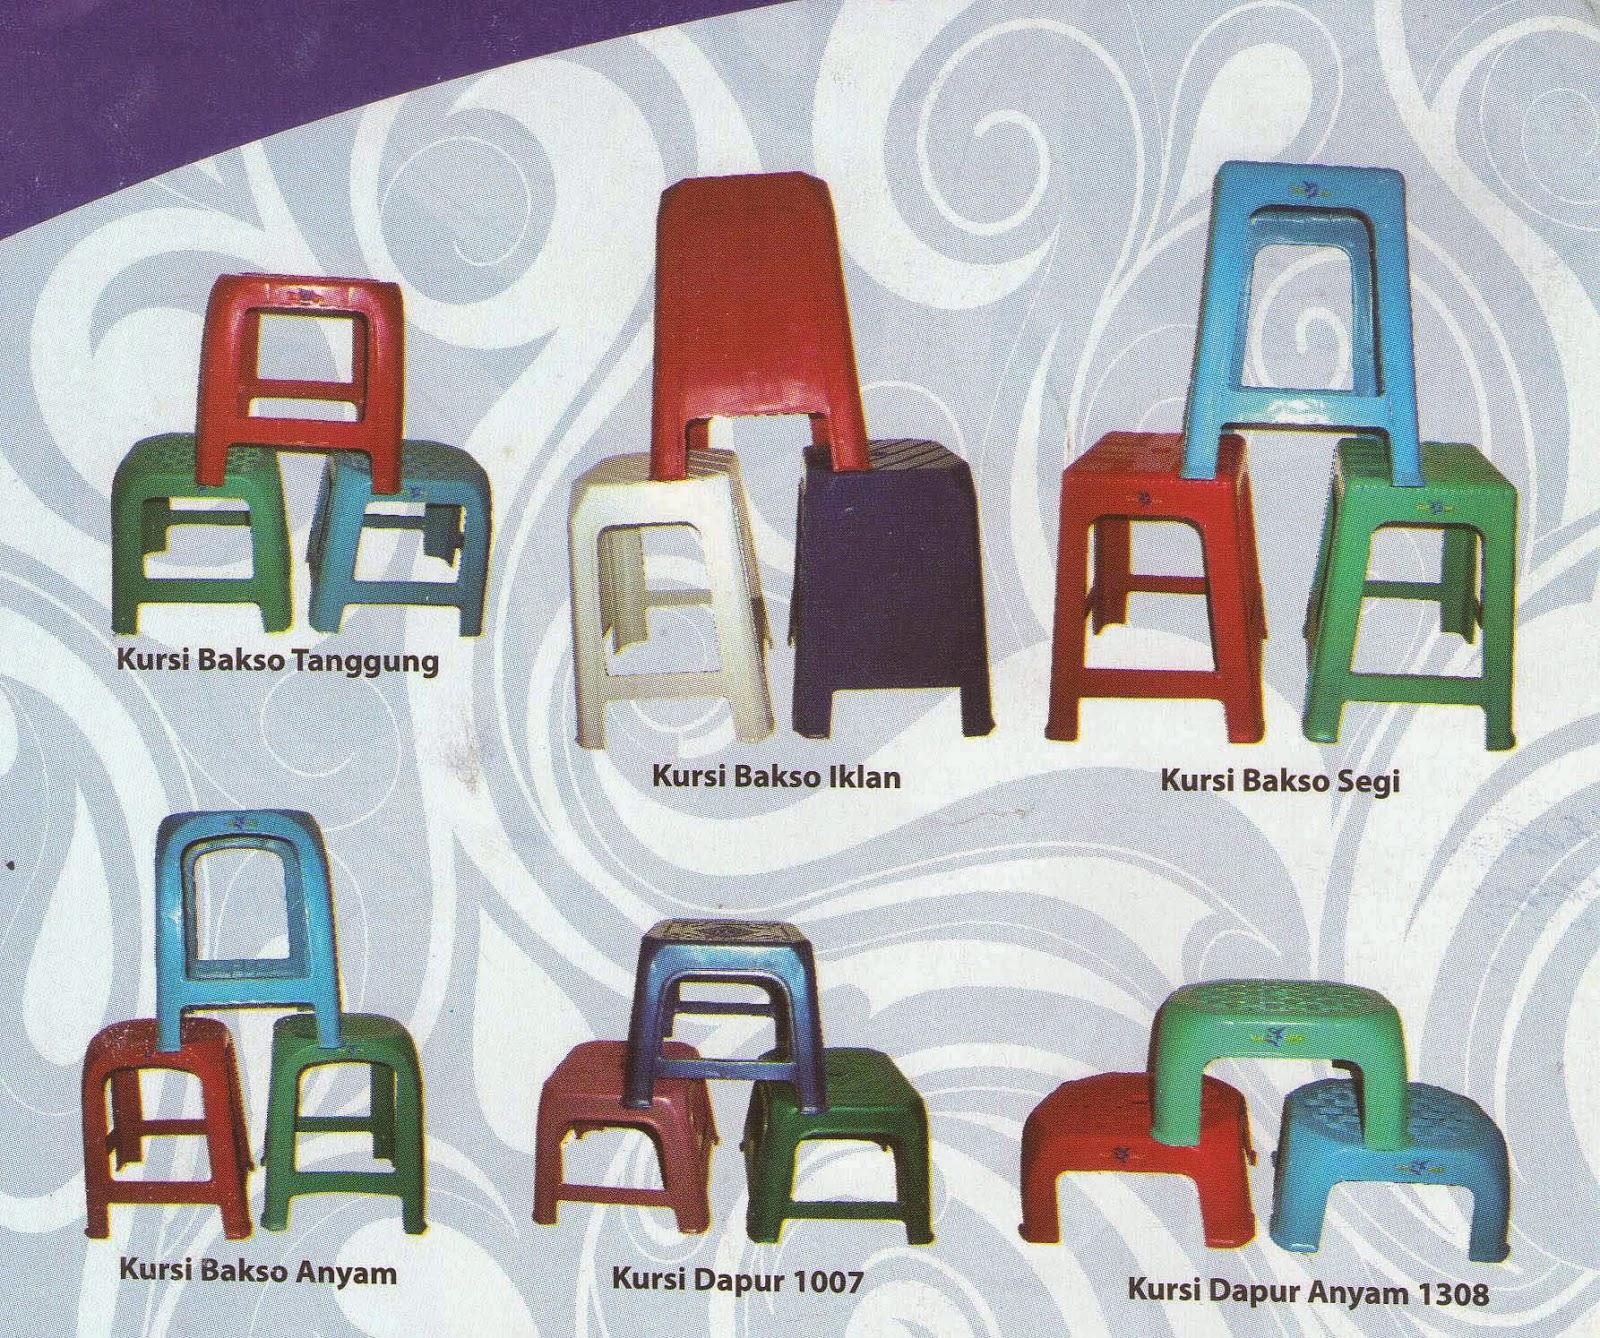 blueshark kursi bakso diandra era mandiri demand Resepi Kuah Bakso Solo Enak dan Mudah